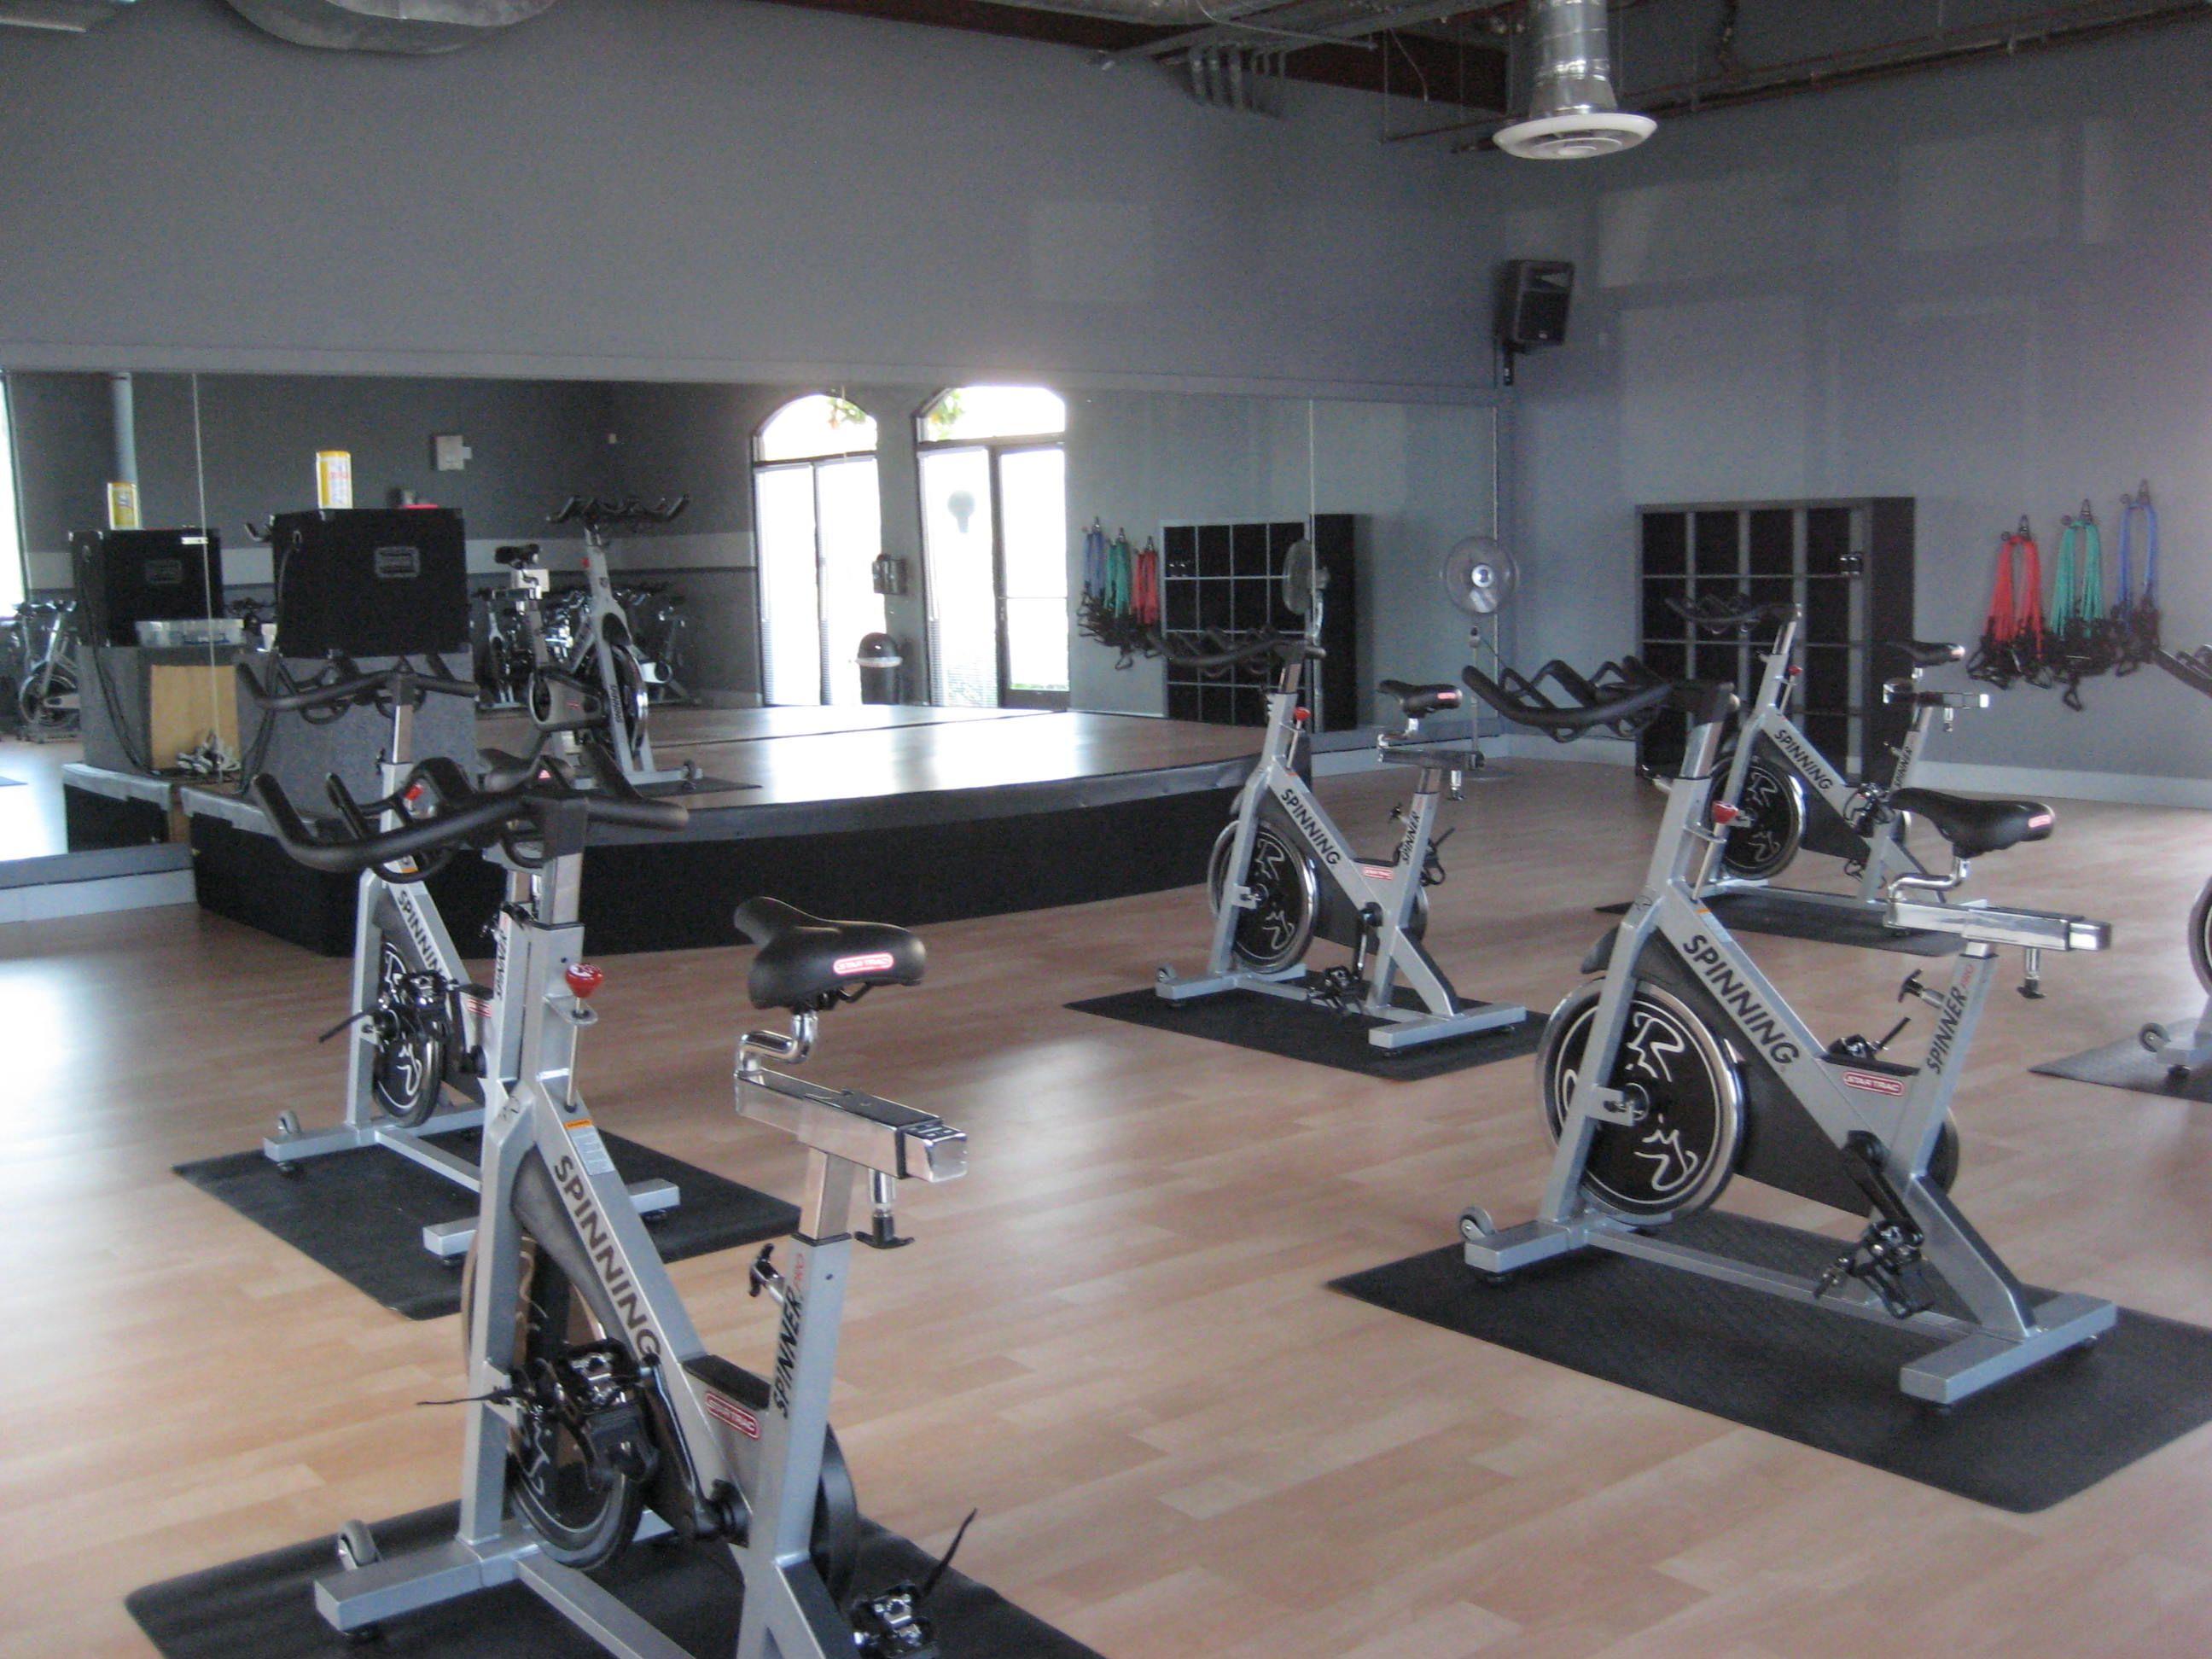 Studio Fit Santa Maria Indoor Cycling And Fitness Studio In Santa Maria Ca Fitness Studio Spin Studio Studio